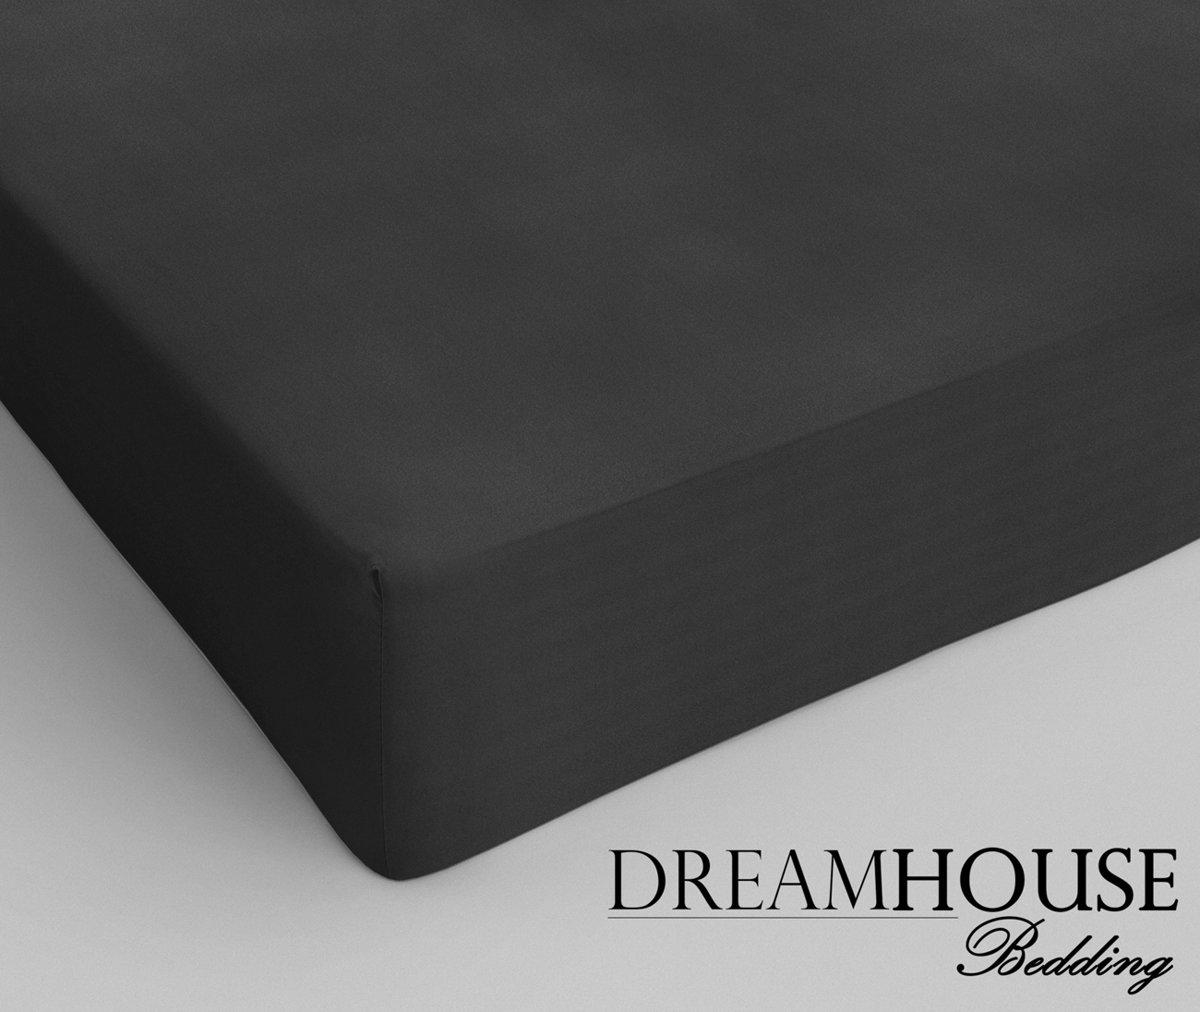 Dreamhouse bedding katoen hoeslaken anthracite - 2-persoons (200 cm) - grijs